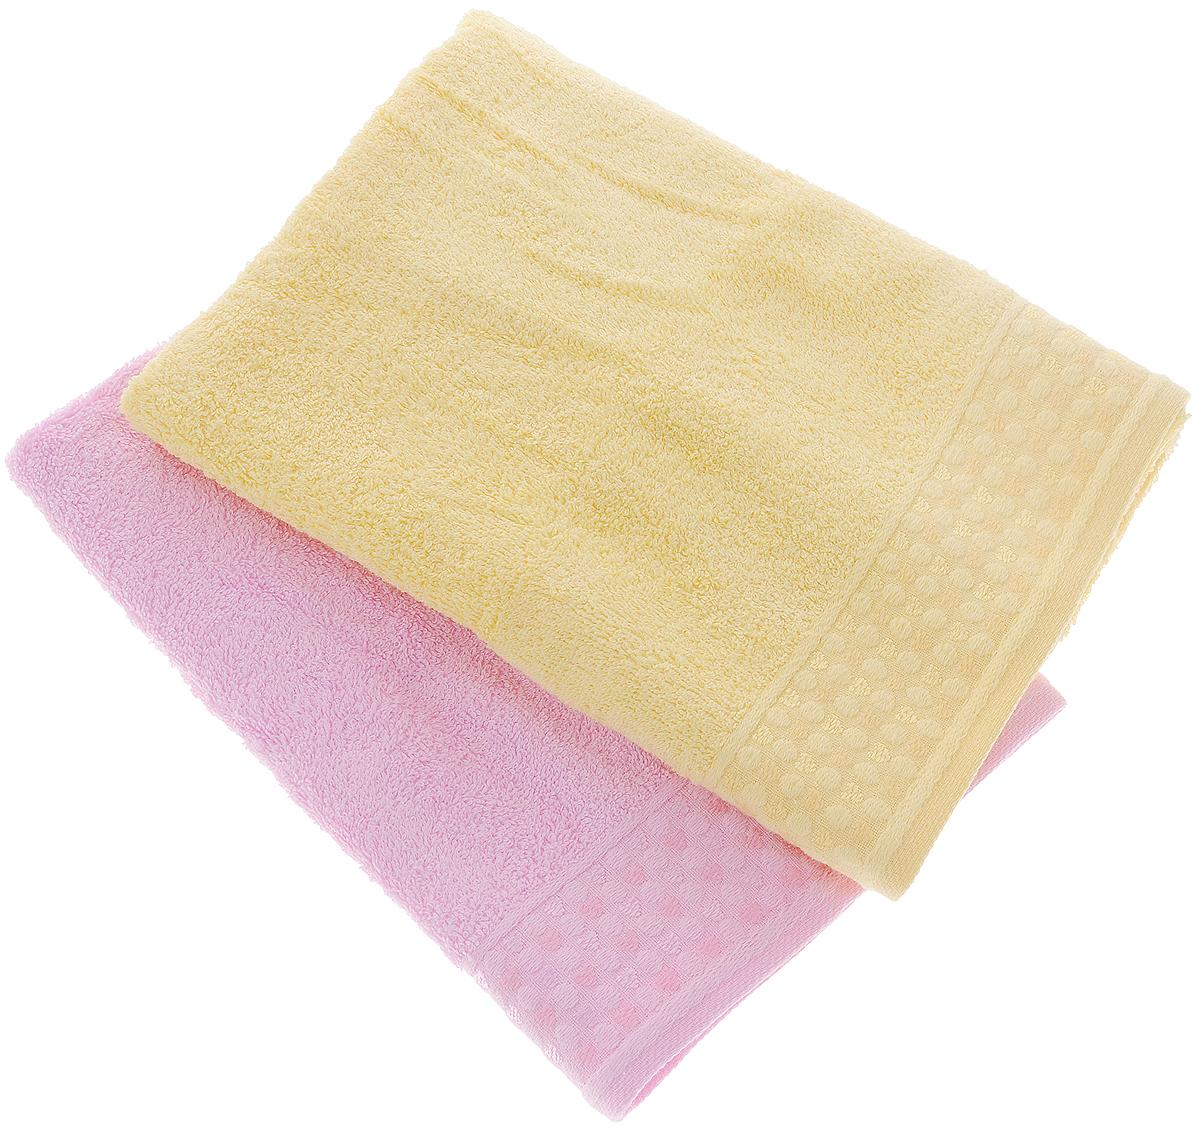 Набор полотенец Tete-a-Tete Сердечки, цвет: розовый, желтый, 50 х 90 см, 2 штУНП-107-05-2кНабор Tete-a-Tete Сердечки состоит из двух махровых полотенец, выполненных из натурального 100% хлопка. Бордюр полотенец декорирован рисунком сердечек. Изделия мягкие, отлично впитывают влагу, быстро сохнут, сохраняют яркость цвета и не теряют форму даже после многократных стирок. Полотенца Tete-a-Tete Сердечки очень практичны и неприхотливы в уходе. Они легко впишутся в любой интерьер благодаря своей нежной цветовой гамме. Набор упакован в красивую коробку и может послужить отличной идеей для подарка. Размер полотенец: 50 х 90 см.